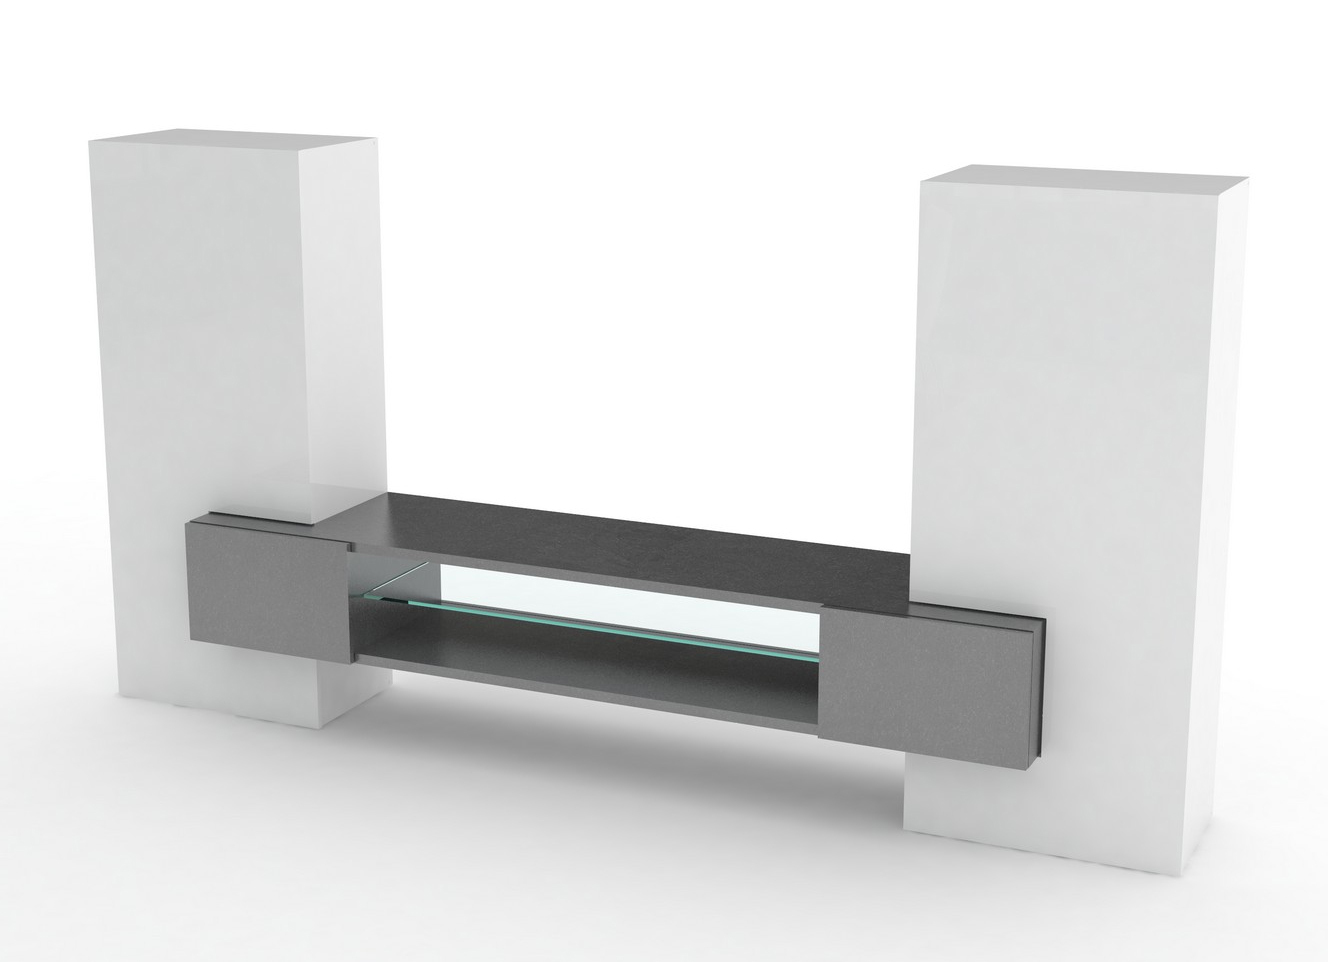 Soggiorno moderno luing jo mobile bianco composizione design for Composizione soggiorno moderno